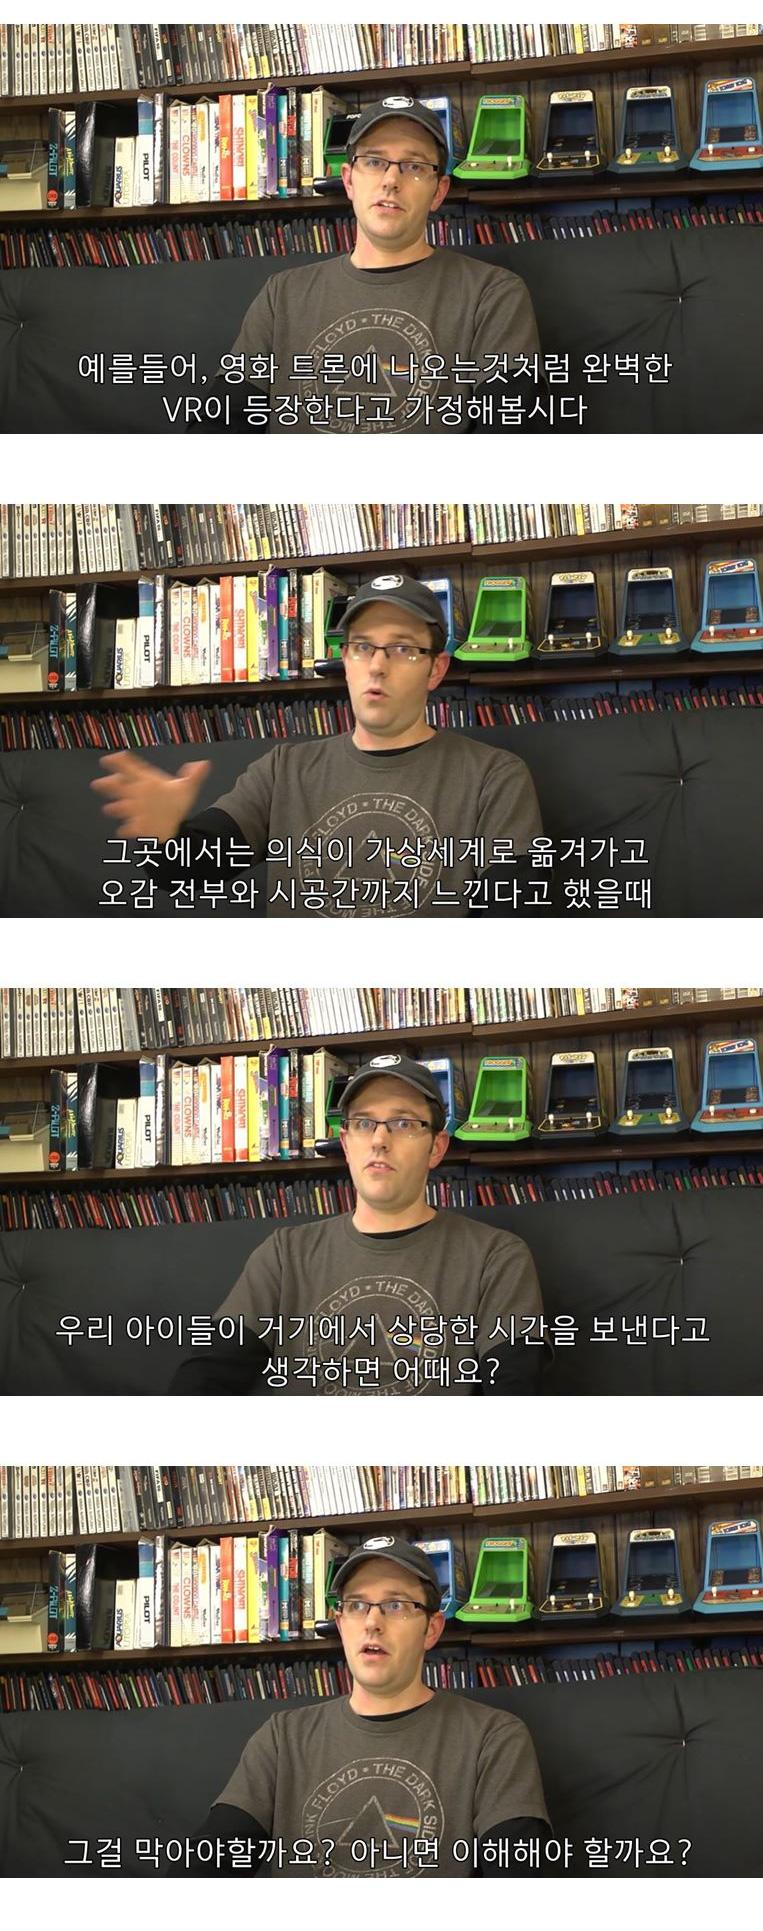 외국 게임 유튜버의 자식 교육철학 - 꾸르